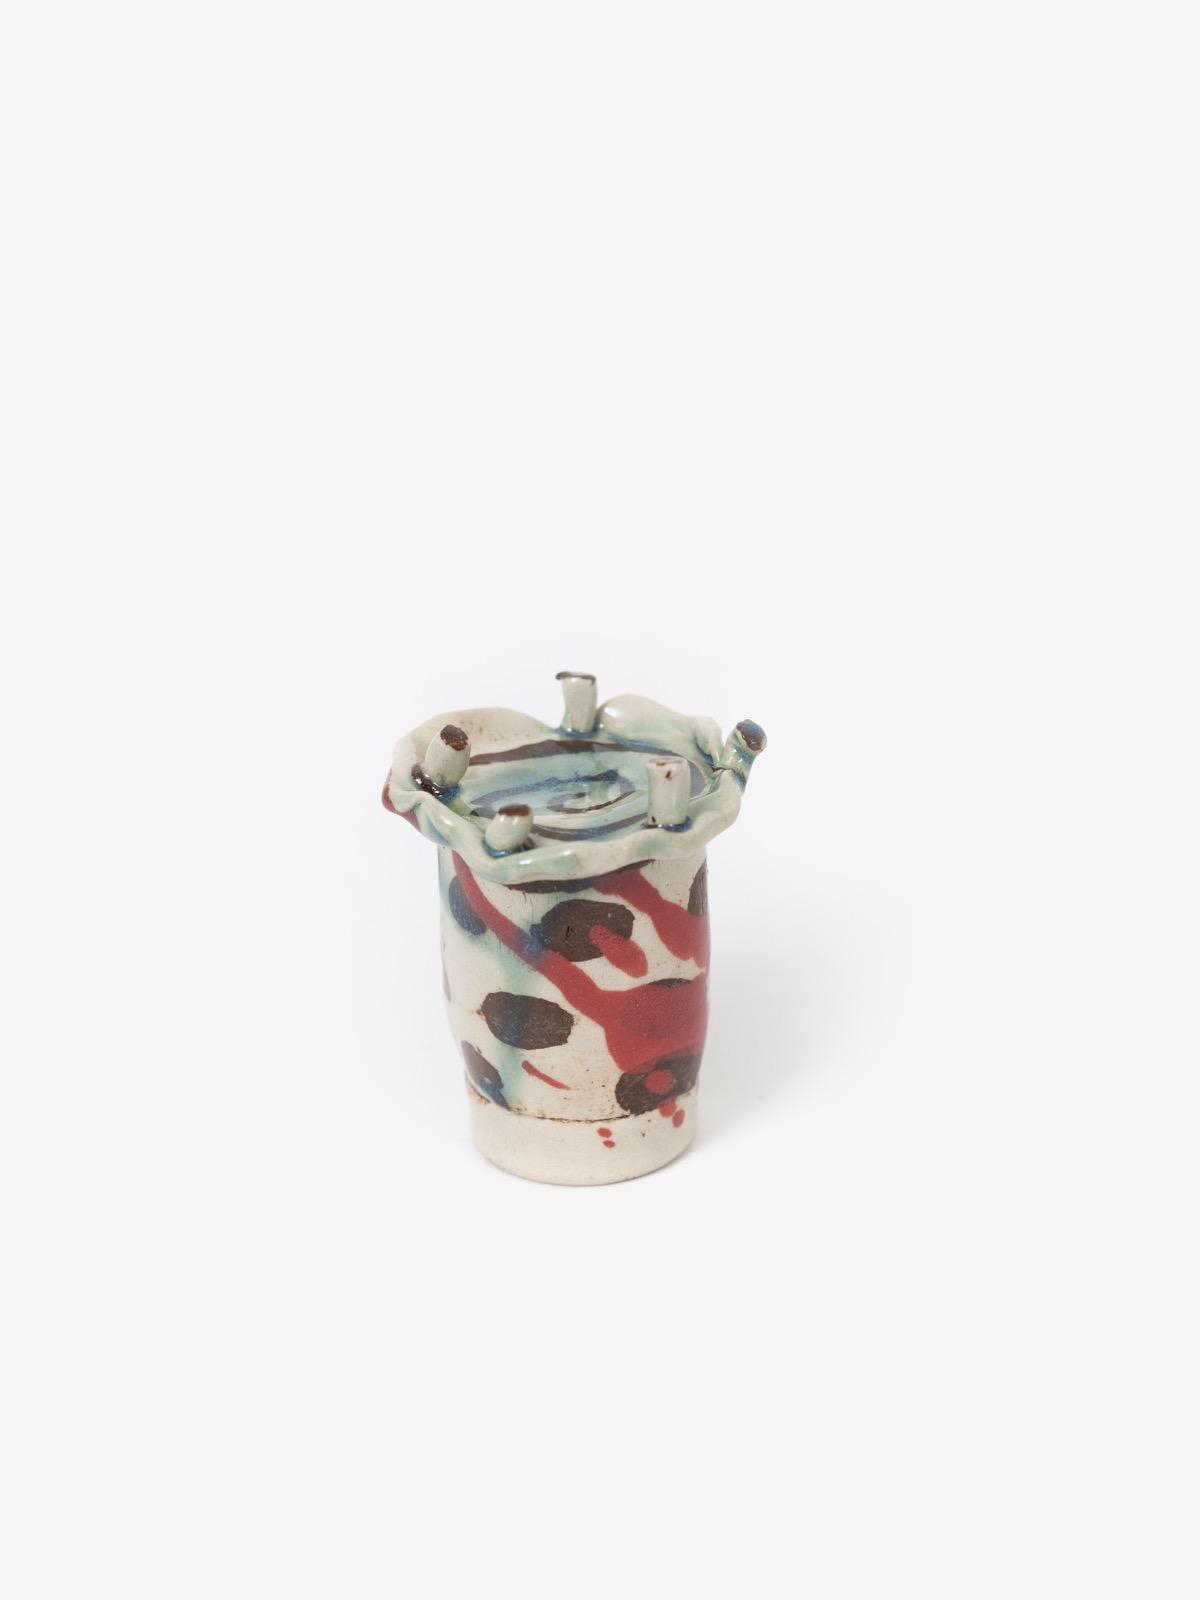 airbag craftworks 7 inch vinyl adaptor - david rauer | 007